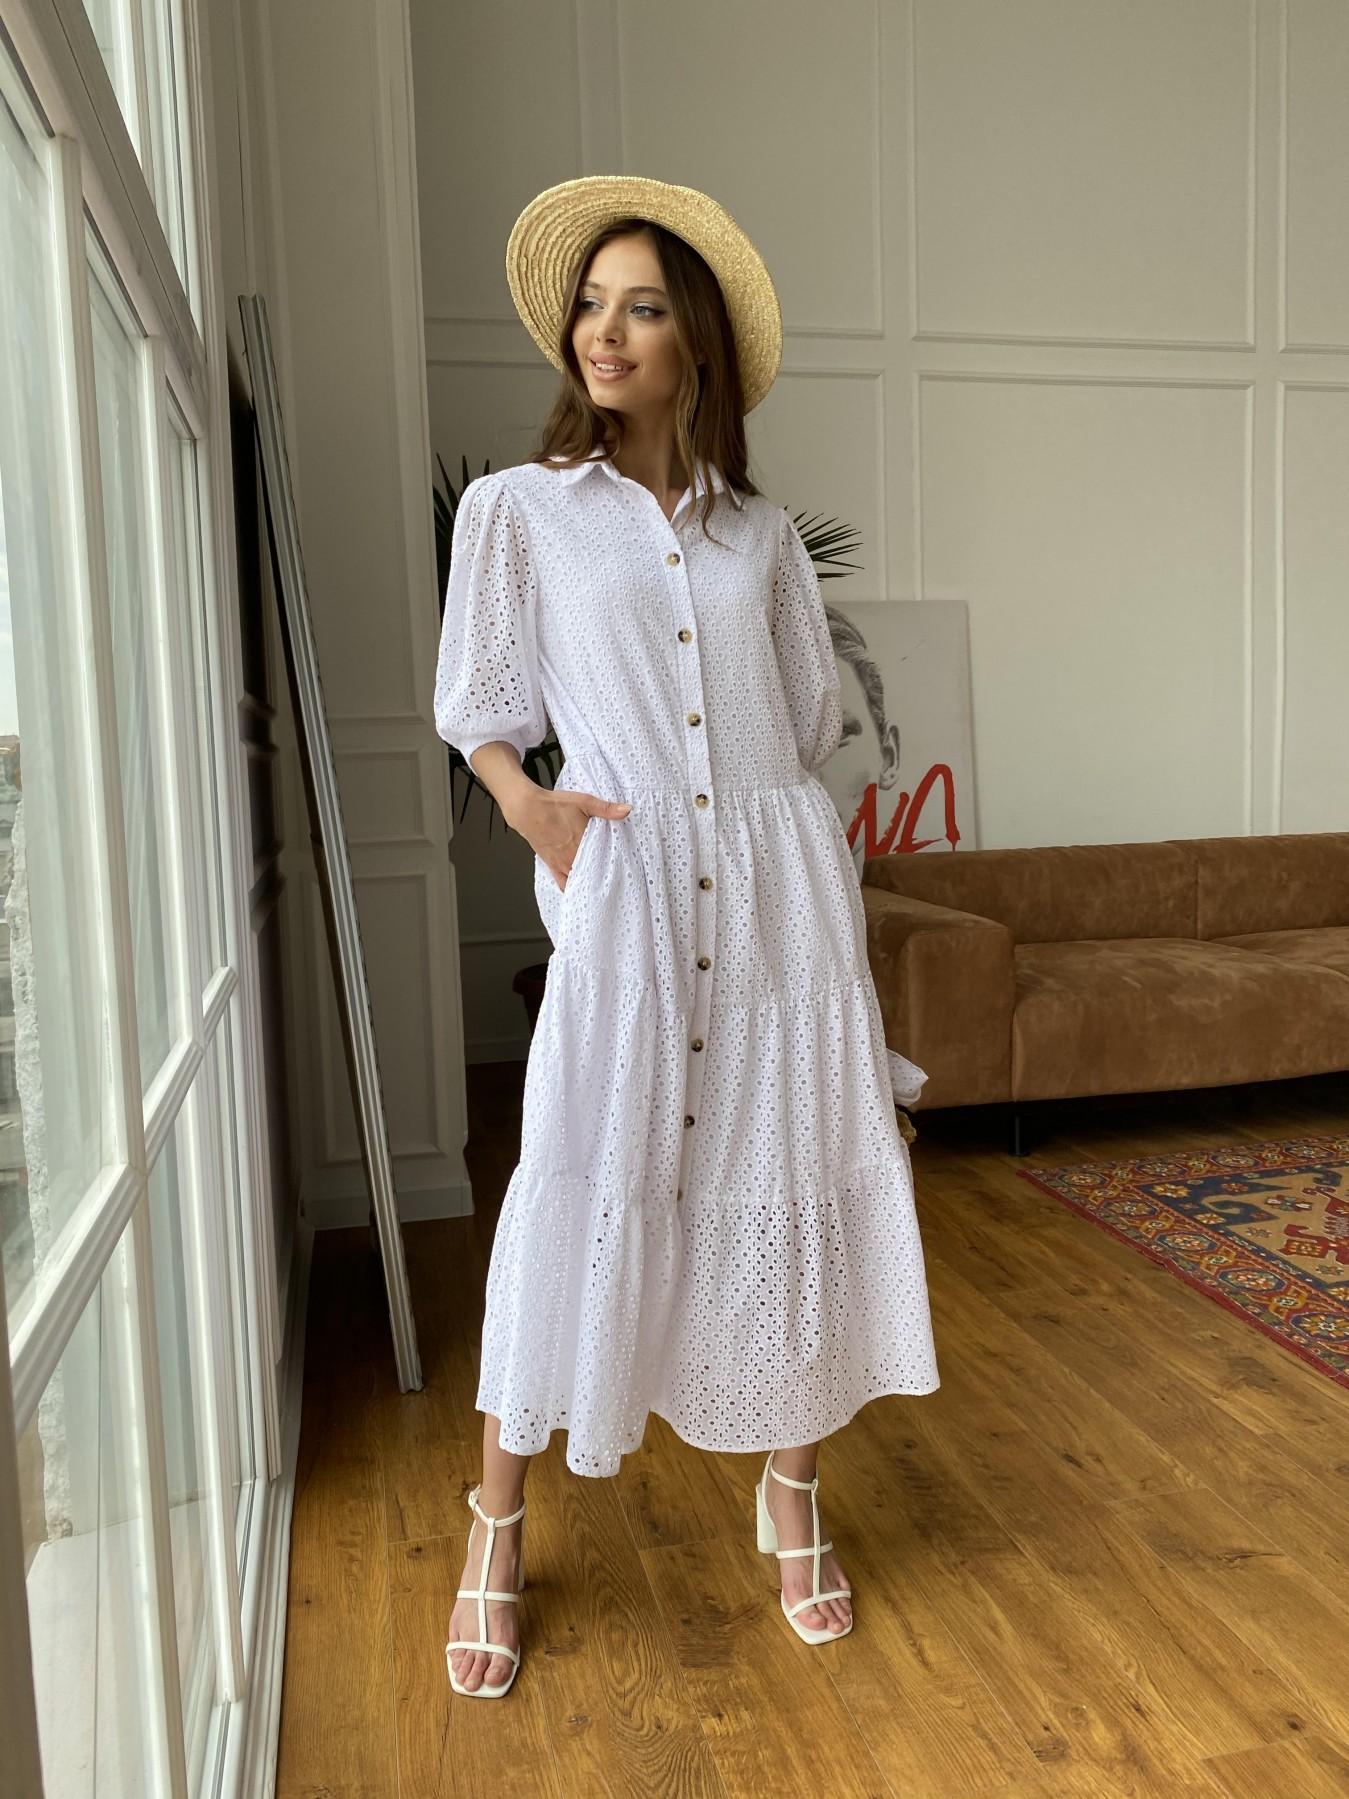 Коста Бланка платье с коротким рукавом из прошвы 11359 АРТ. 47966 Цвет: Белый/МелЦветПерфор - фото 3, интернет магазин tm-modus.ru